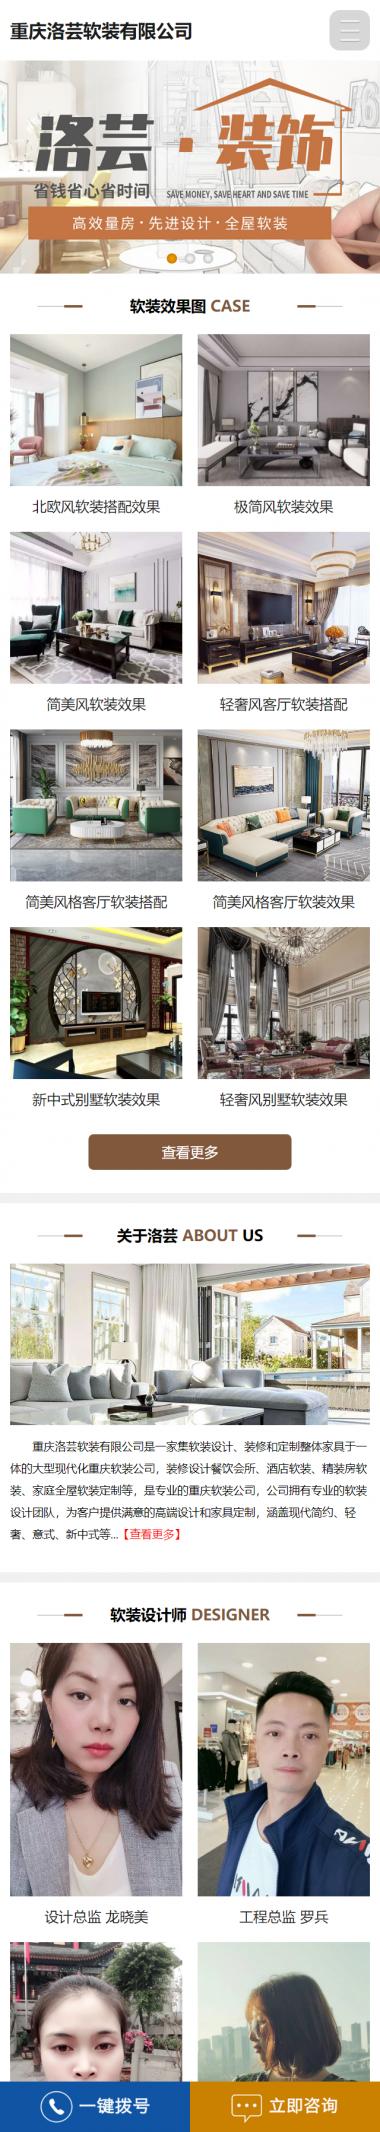 重庆洛芸软装有限公司手机站网站